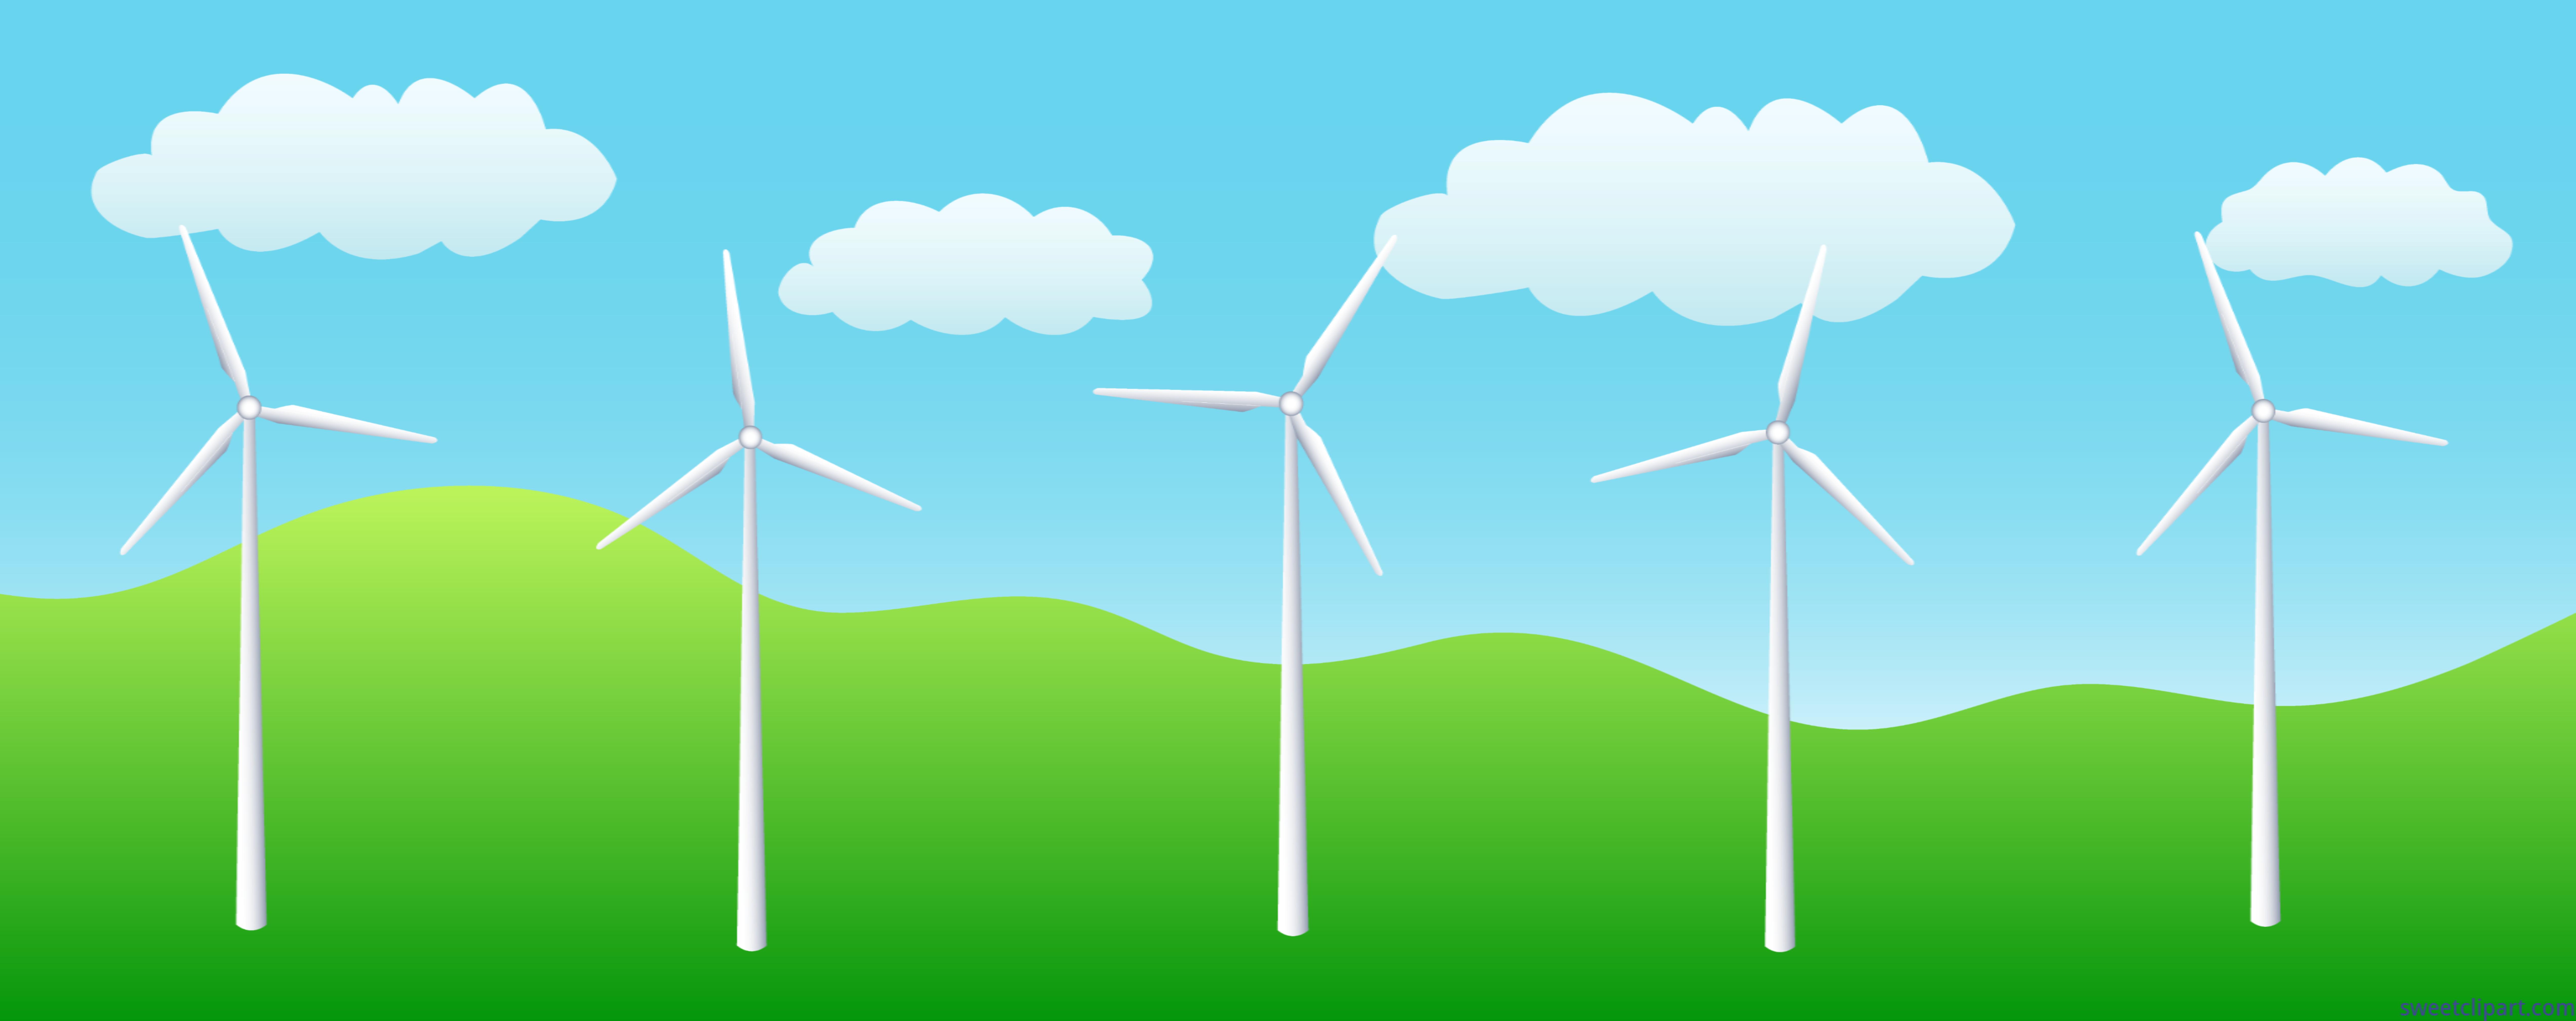 Wind Turbine Clip Art & Wind Turbine Clip Art Clip Art Images.